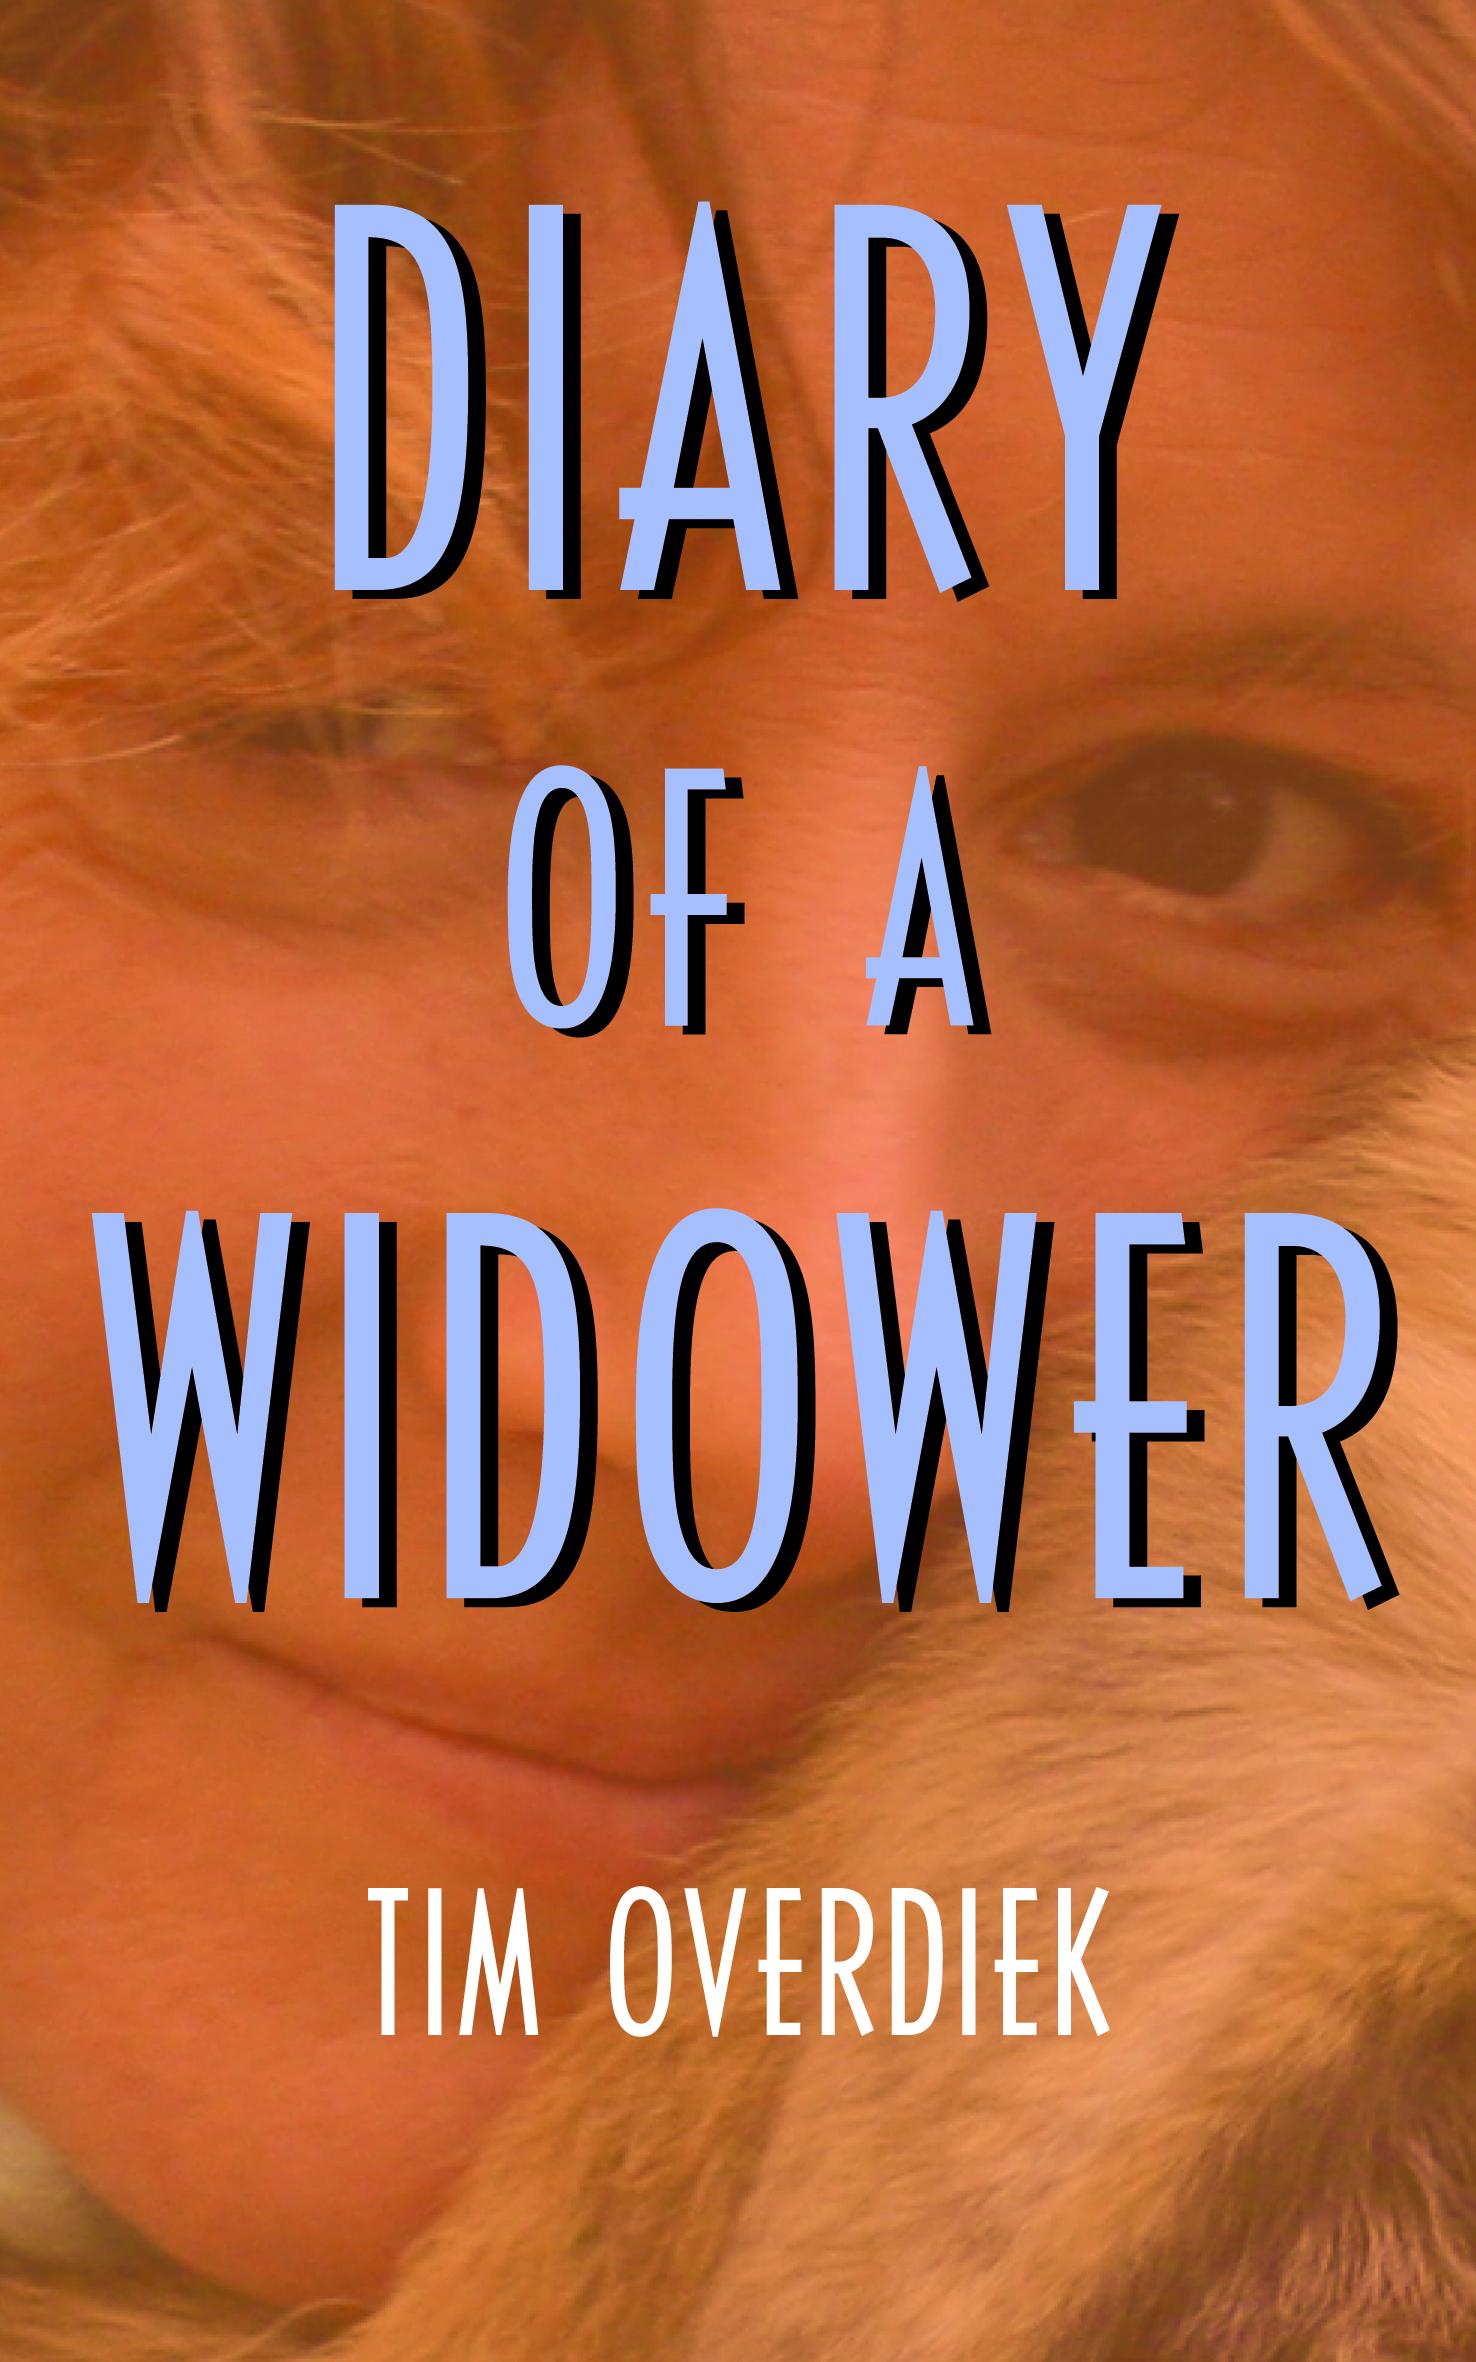 Away pulls a when widower Widower Wednesday: